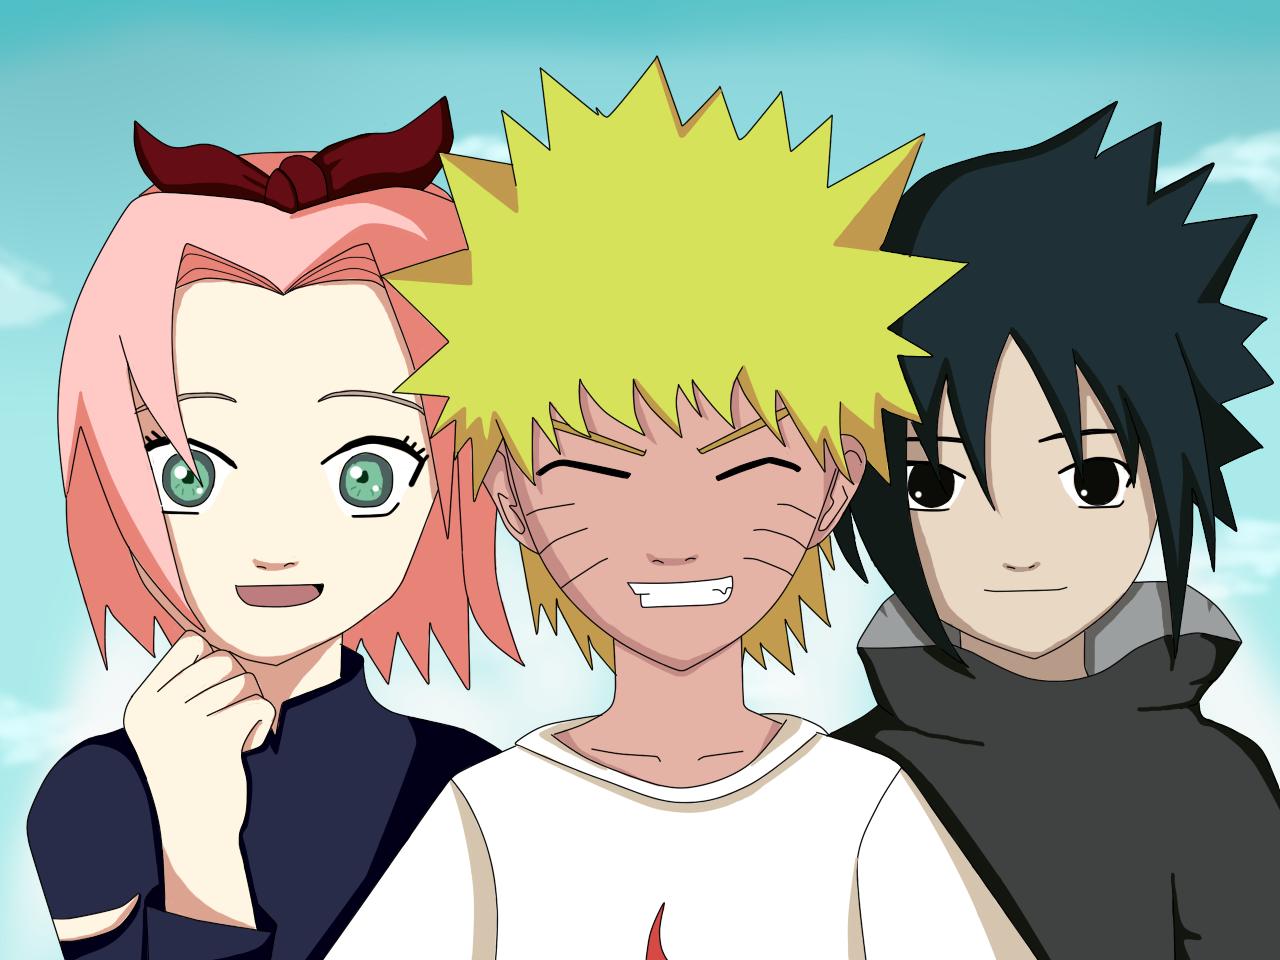 For Naruto sasuke and sakura